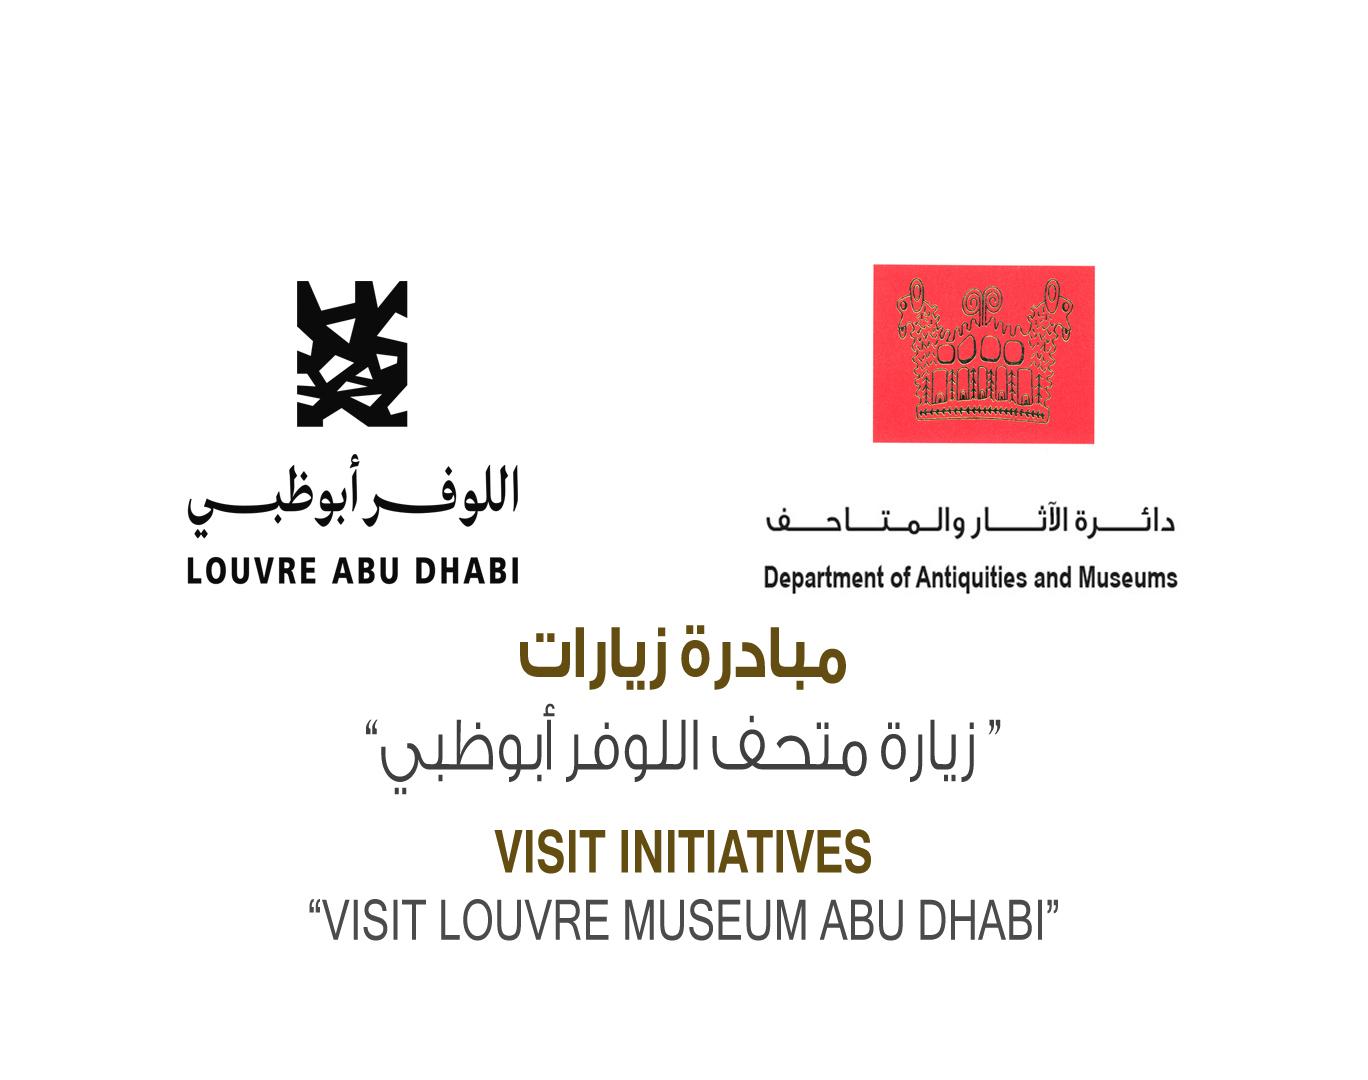 LOUVRE MUSEUM VISIT